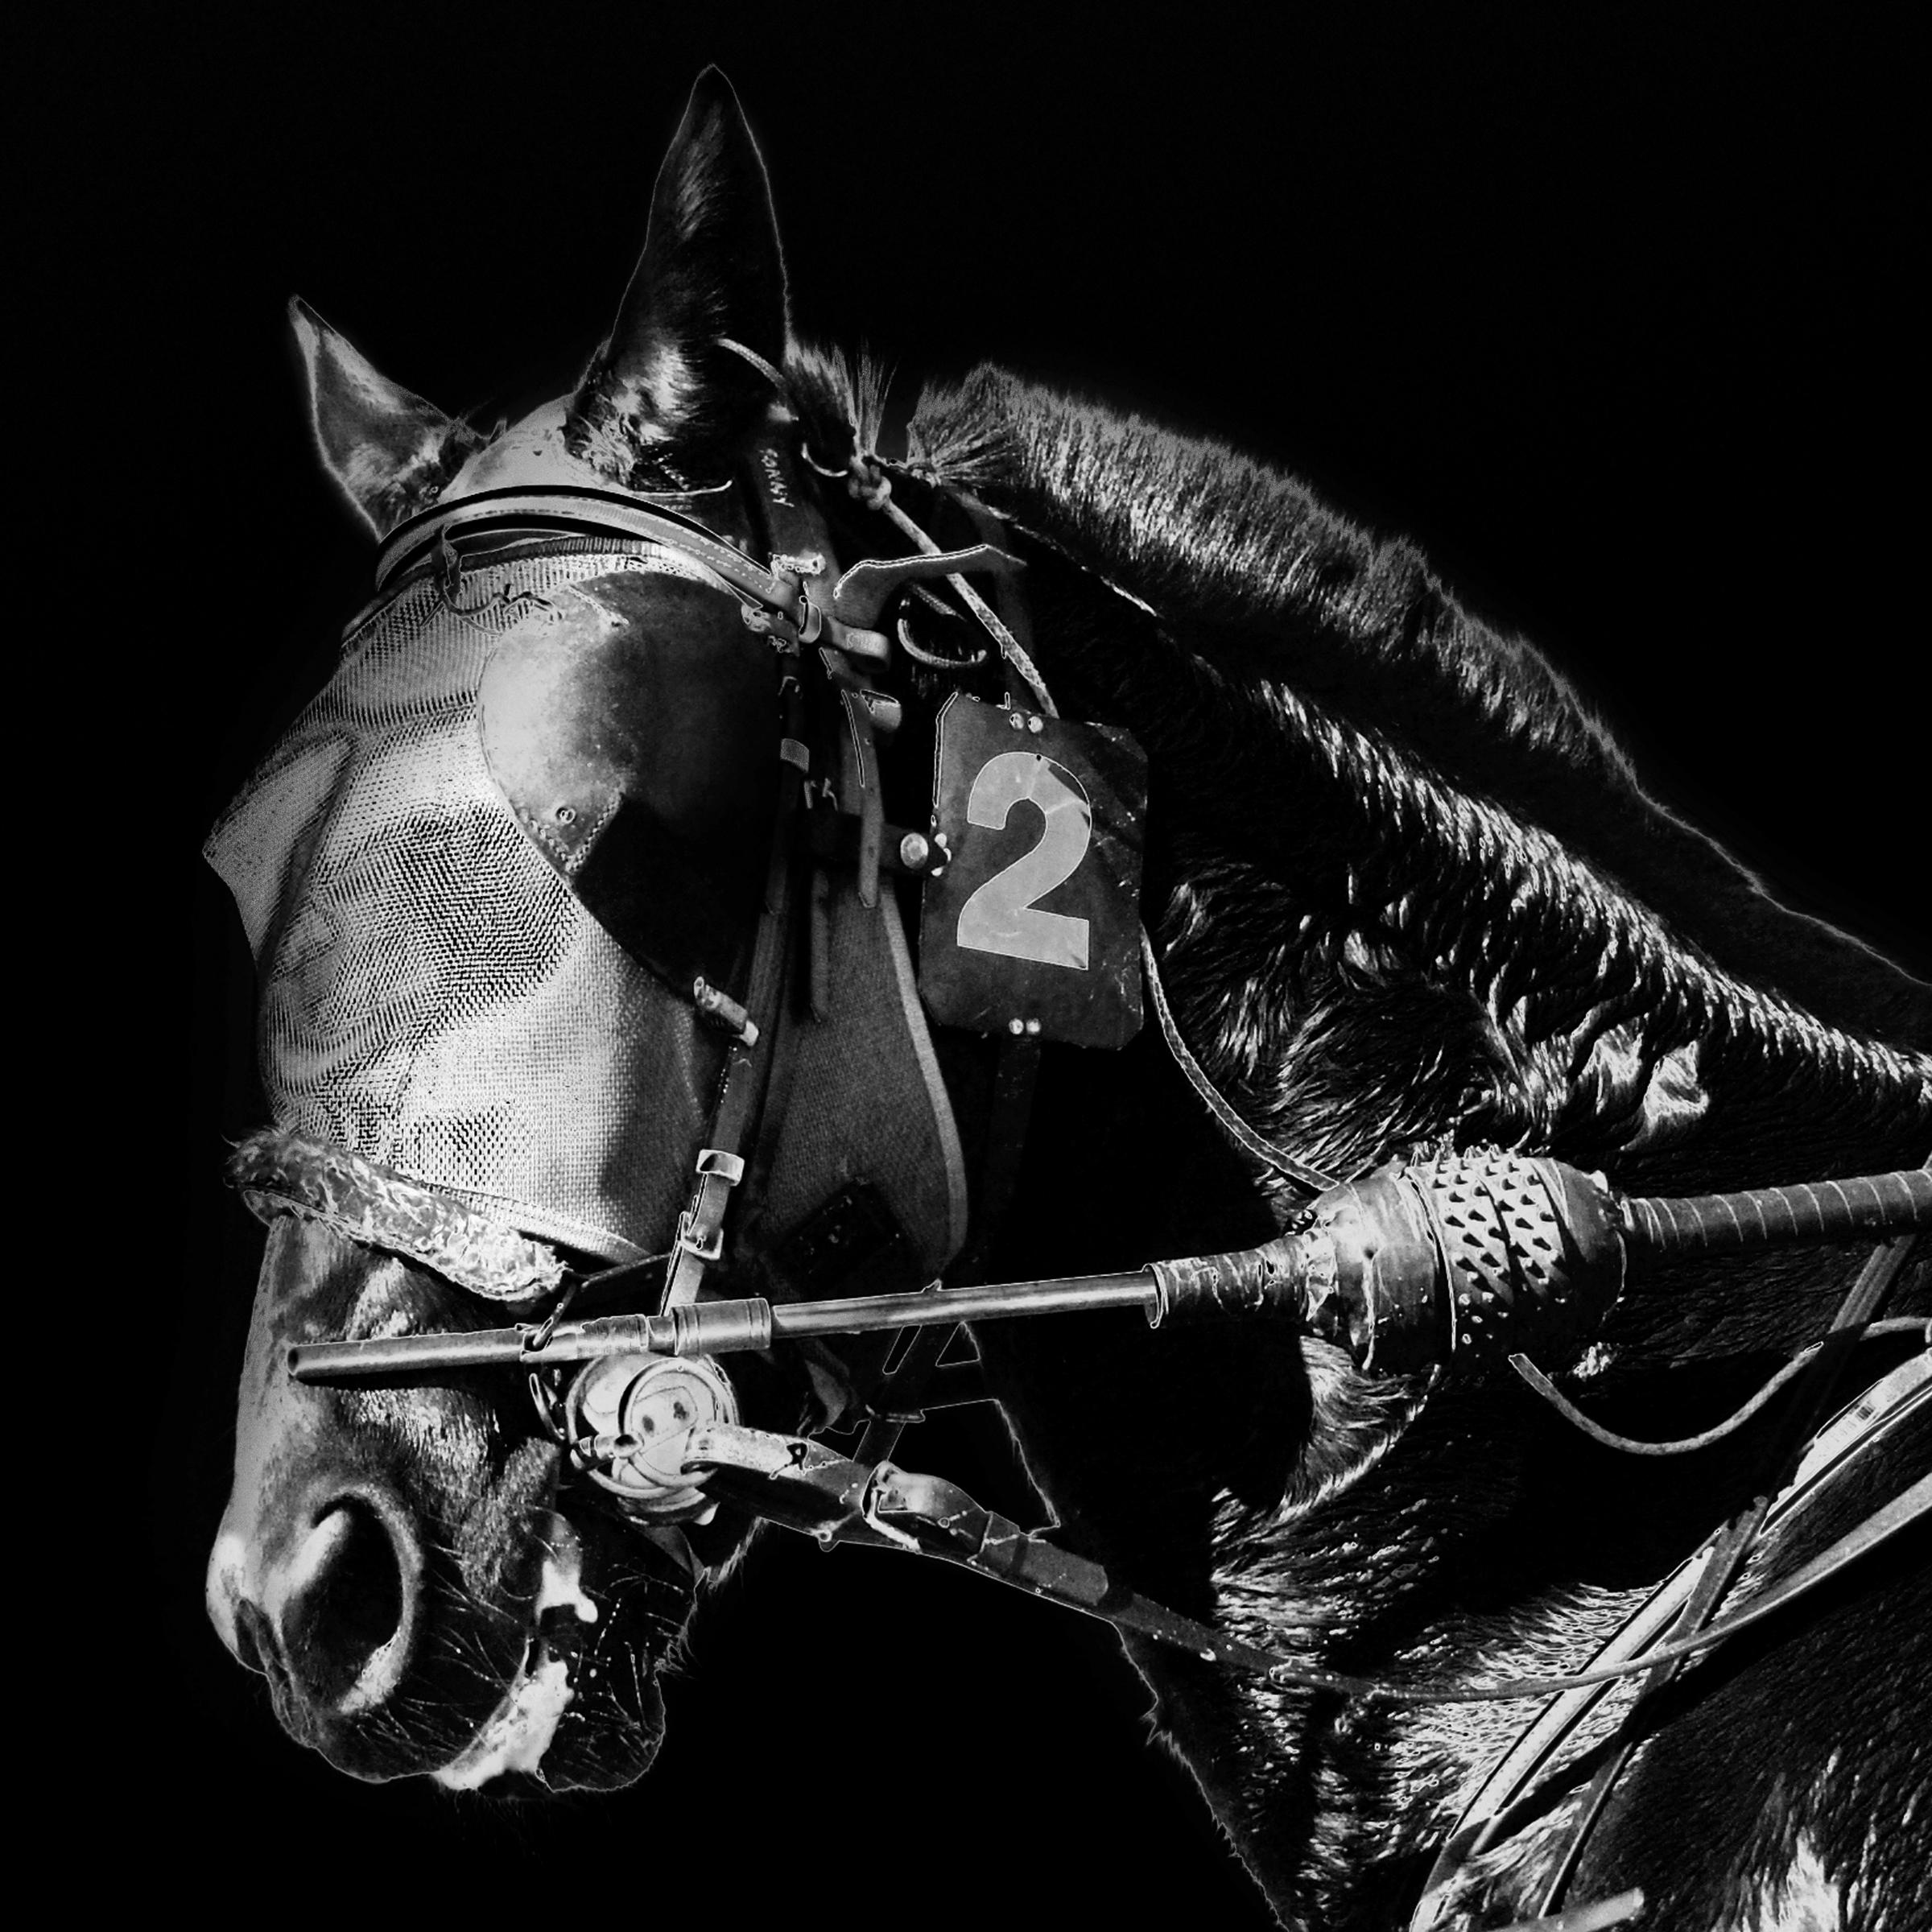 hunt_serana_the_sun_horse.jpg